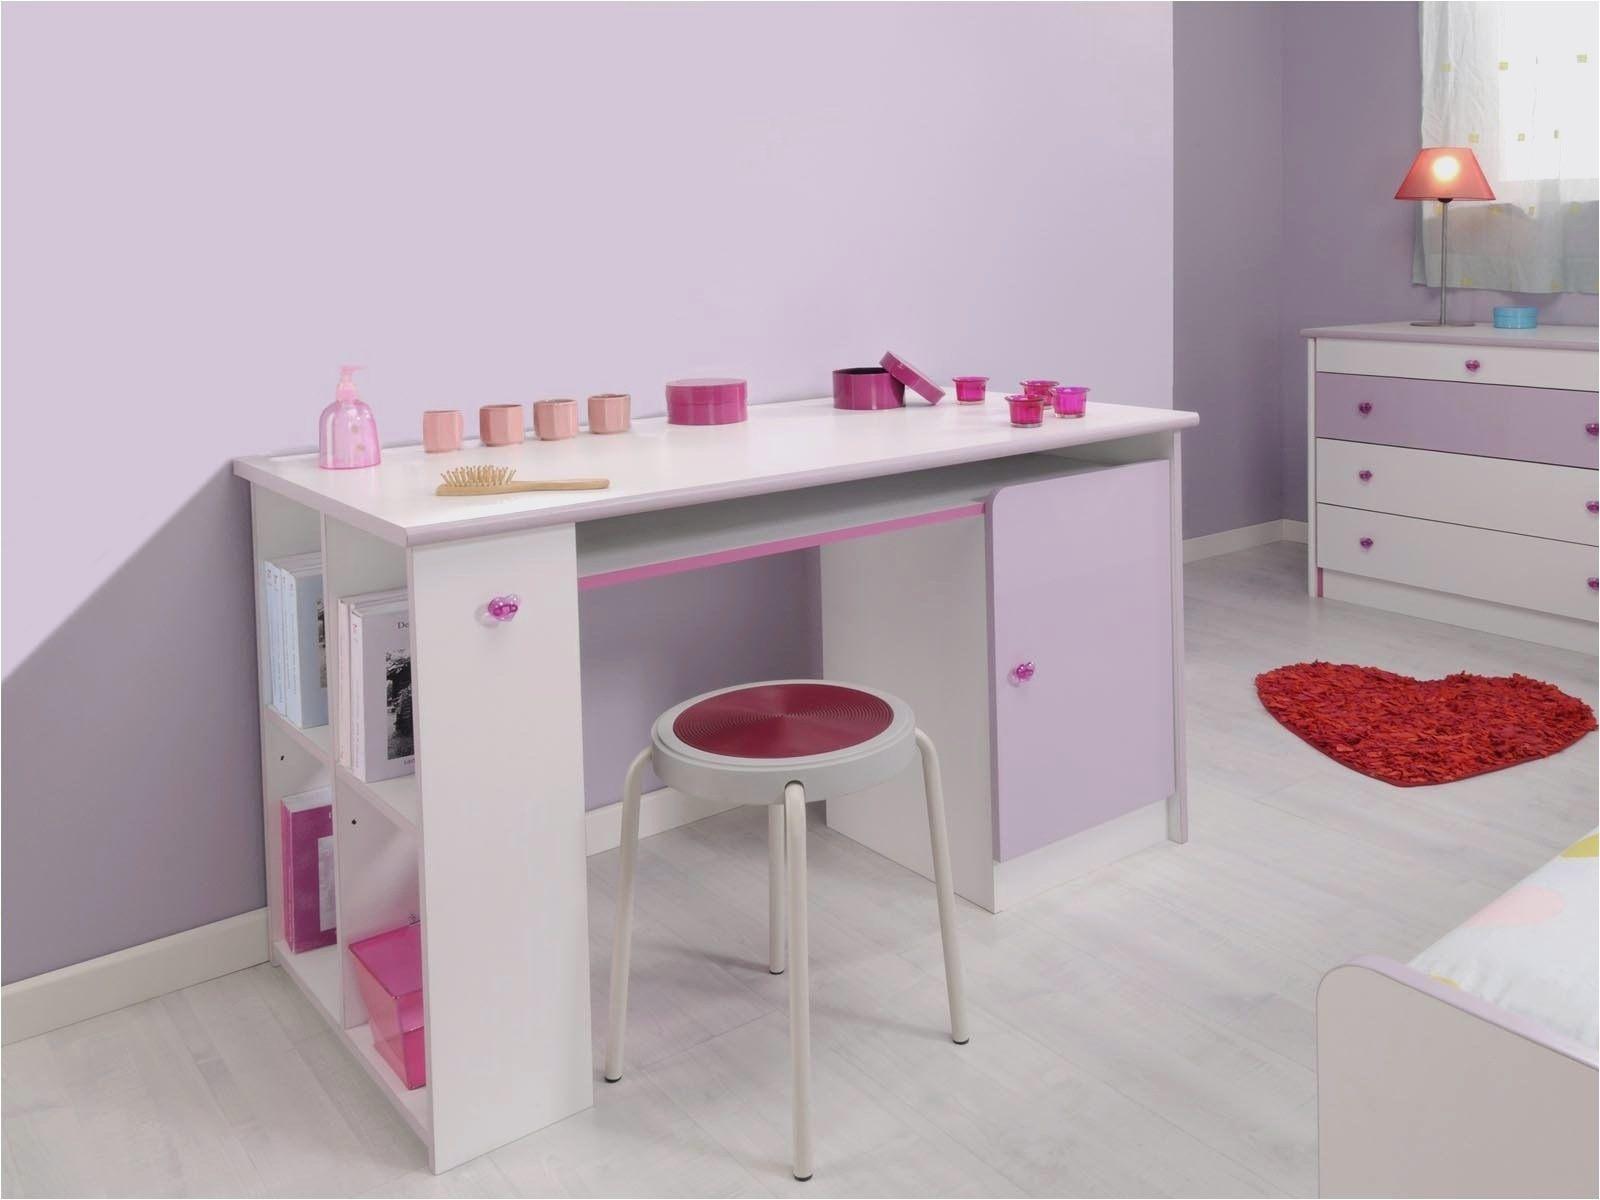 Enfant Lit Mezzanine Inspiré Bureau Garcon Decoration De Bureau Maison Luxe Bureau Enfant Fait